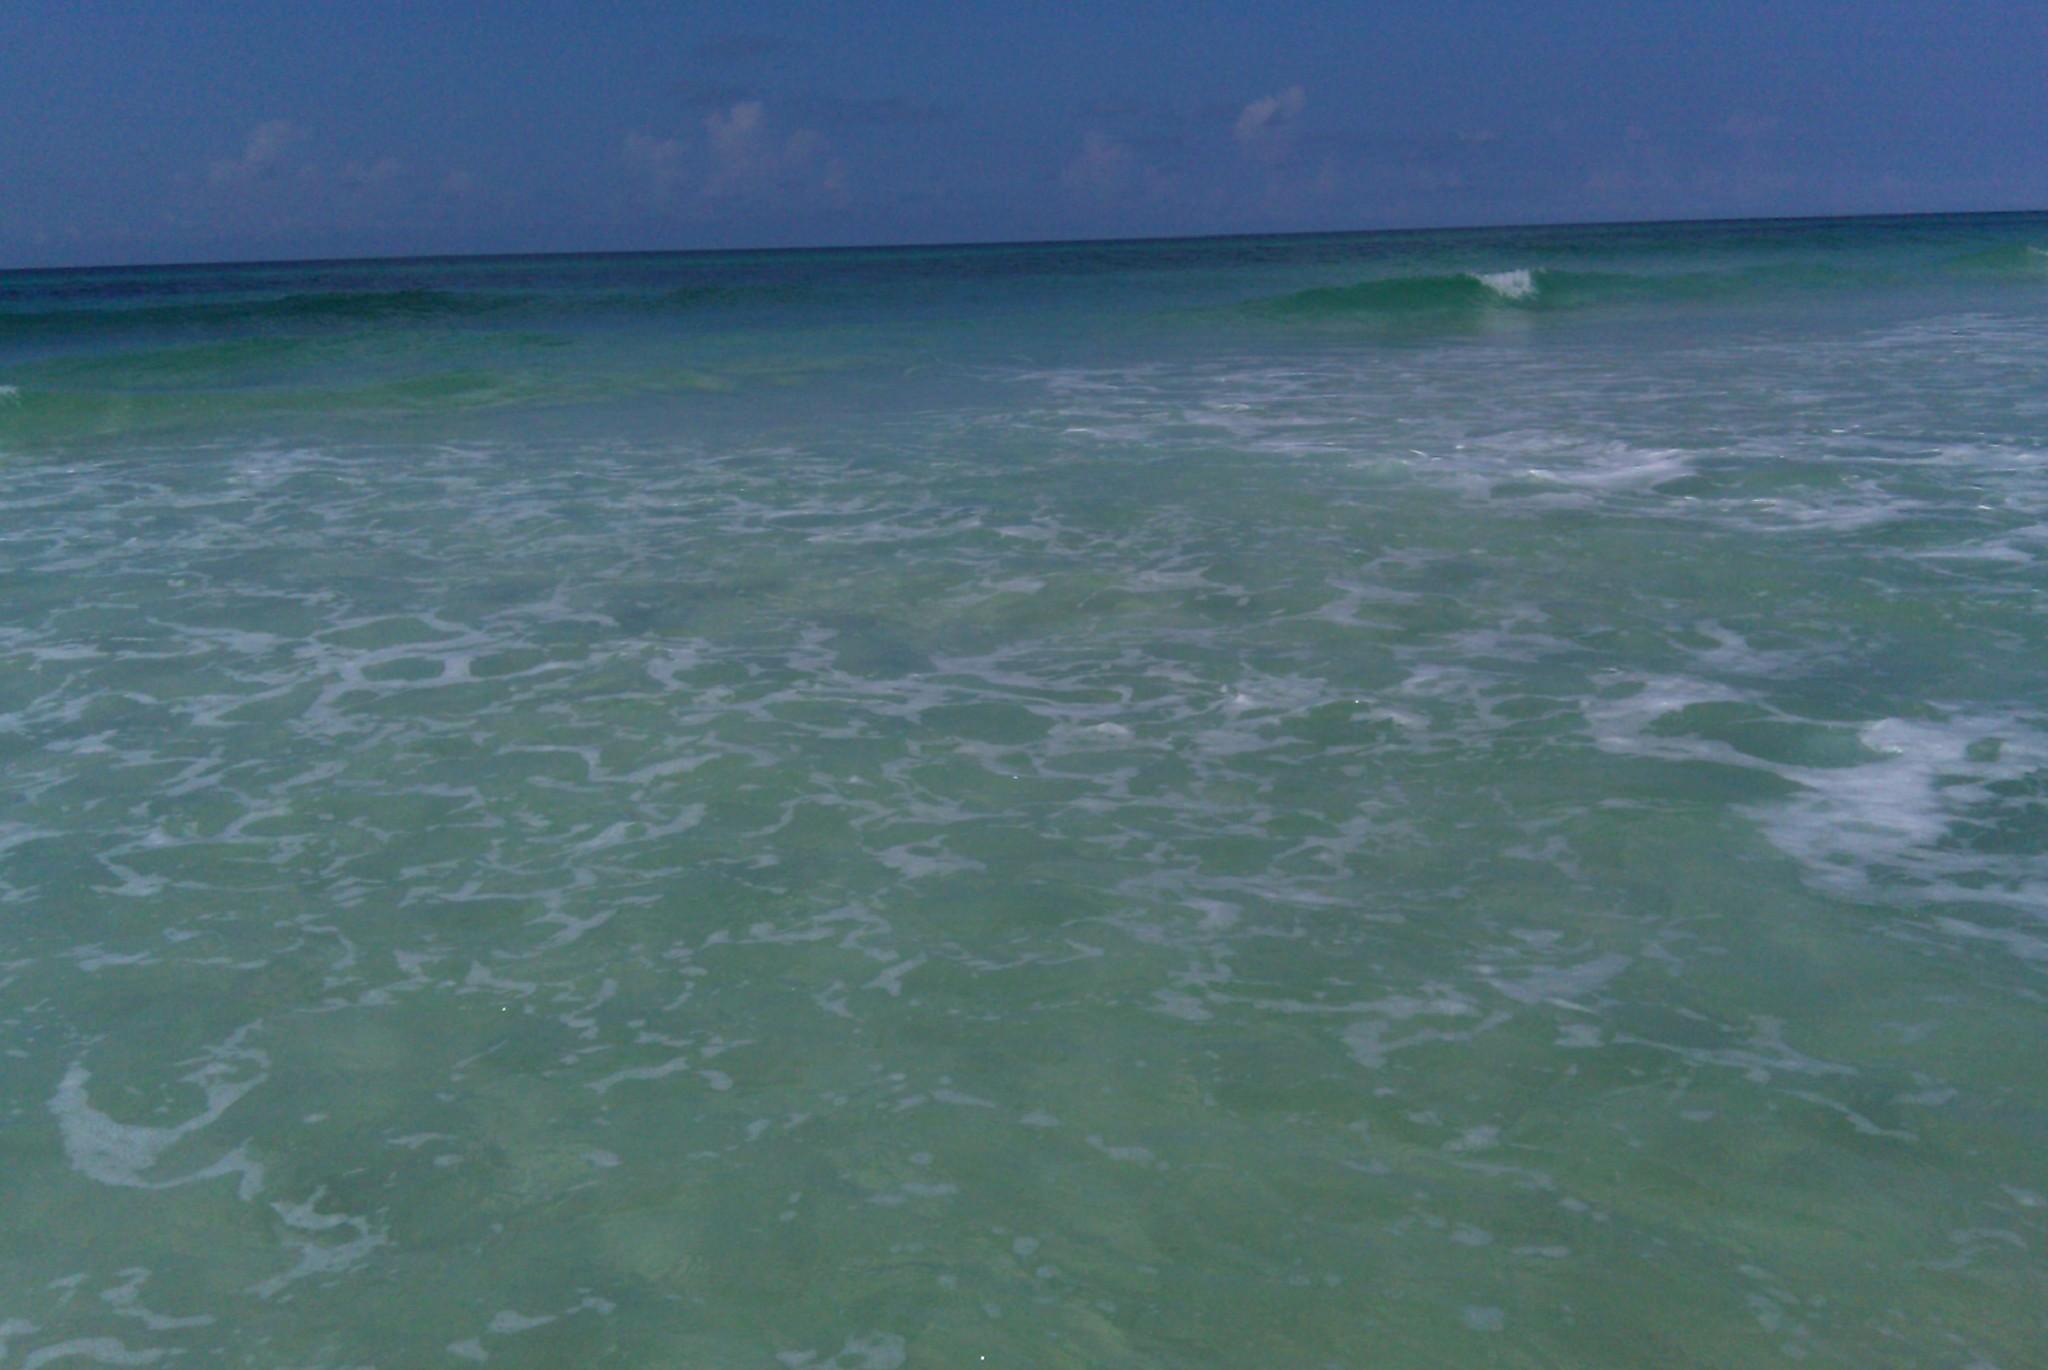 Panama city beach 7 day forecast